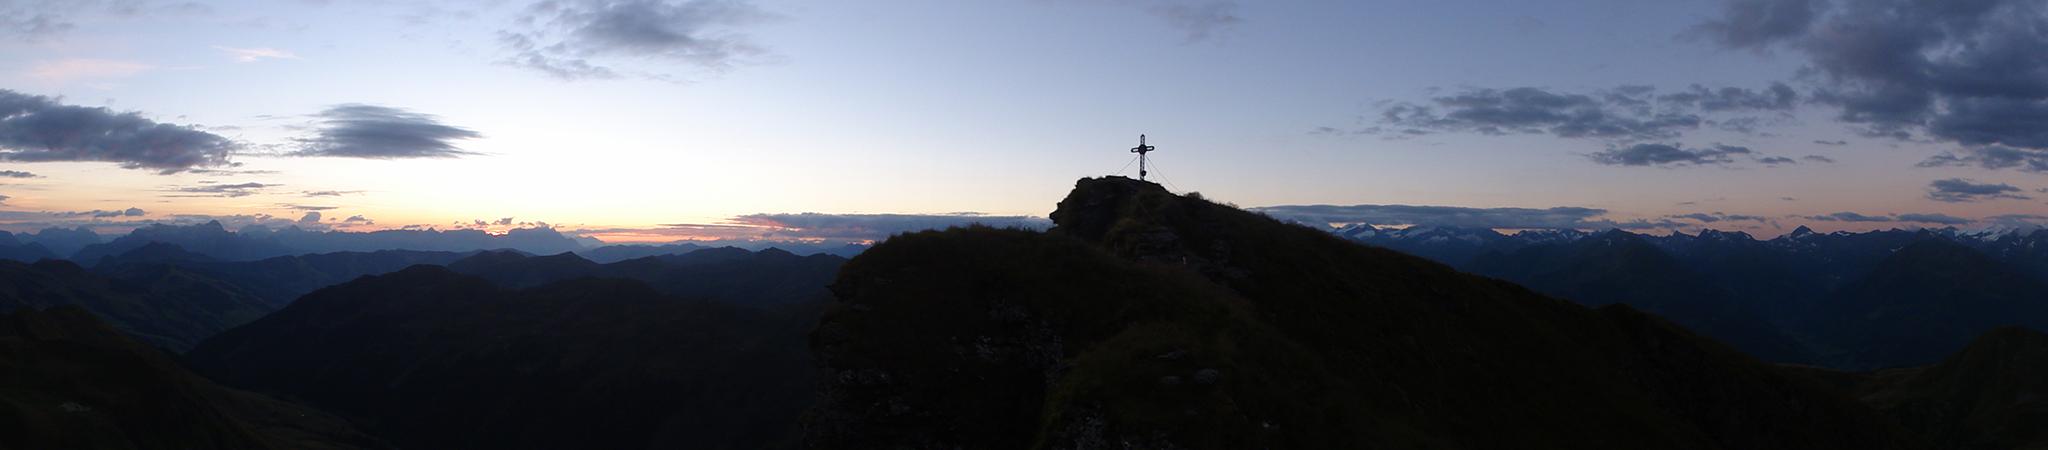 Arnoweg: Das Gipfelkreuz des Gaißsteins über der Bürgl-Hütte kurz vor Sonnenaufgang